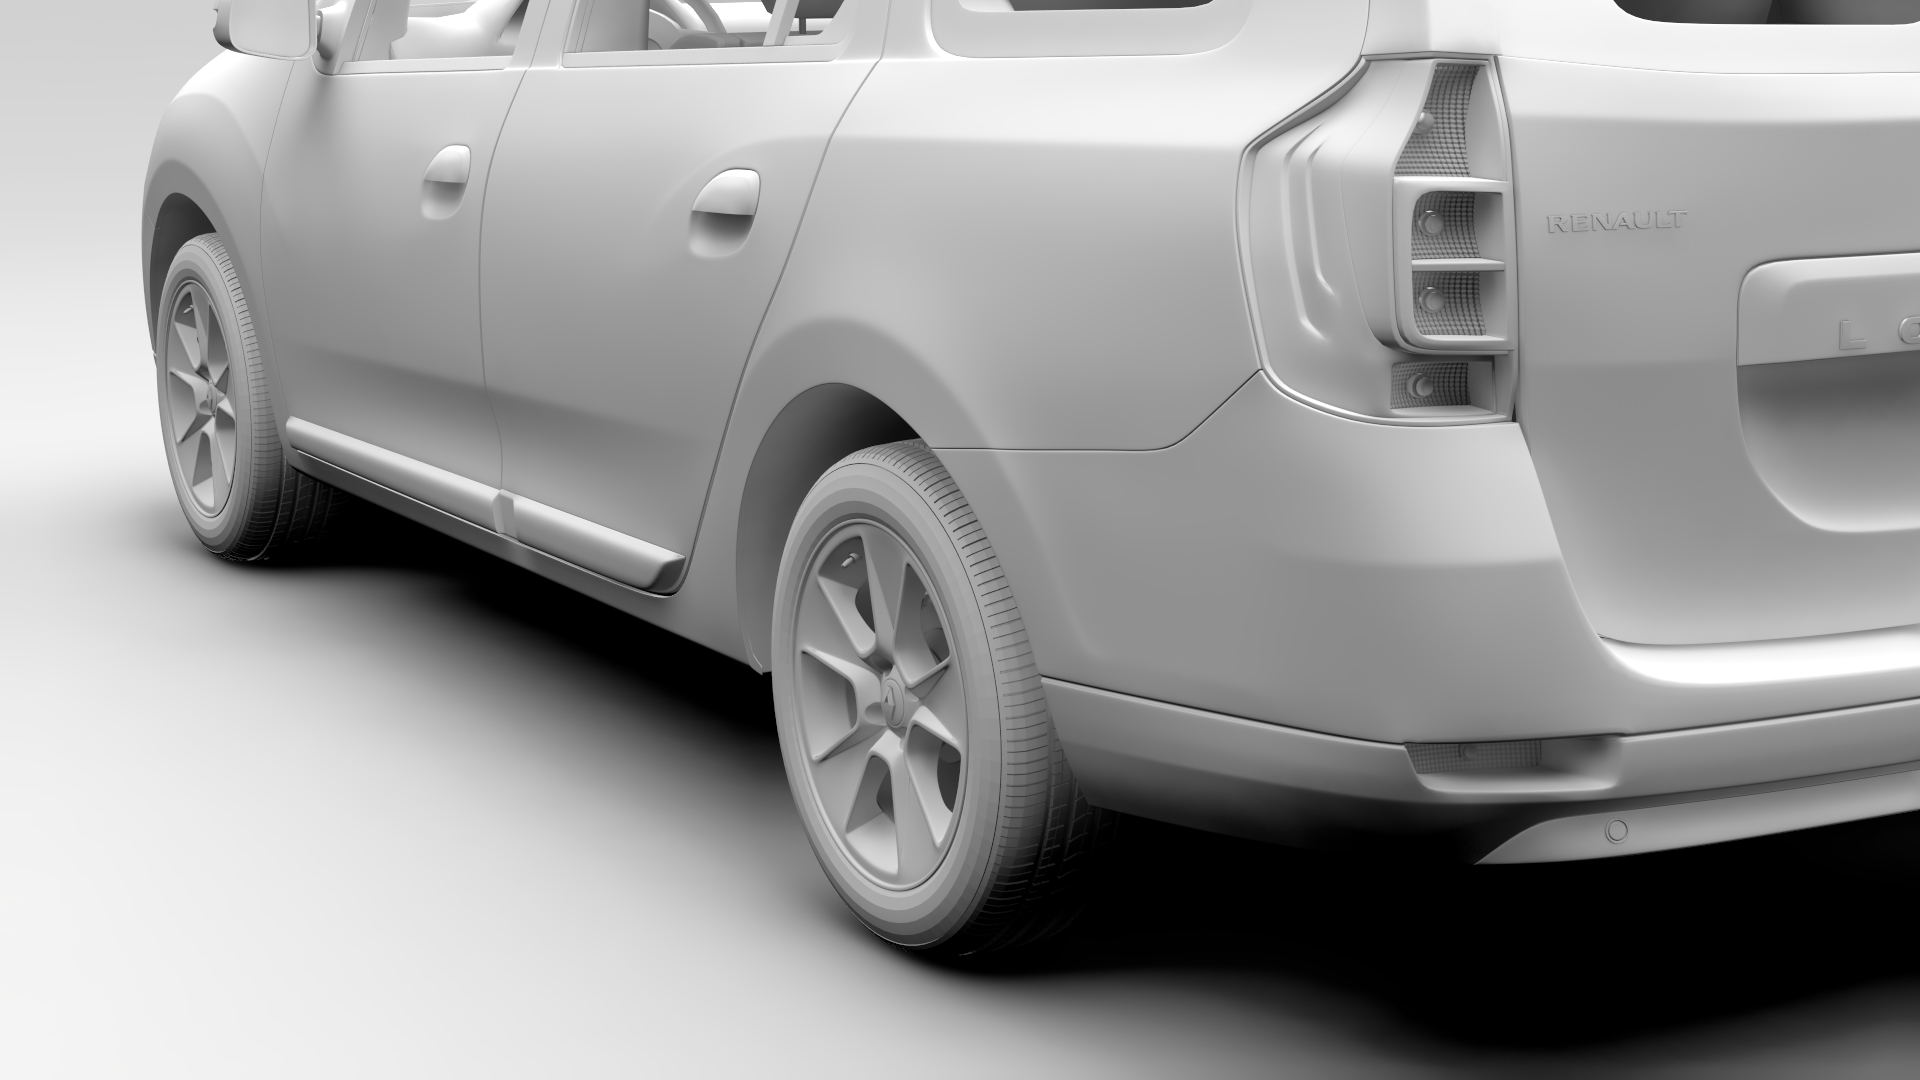 renault logan mcv taxi 2016 3d model 3ds max fbx c4d lwo ma mb hrc xsi obj 221293